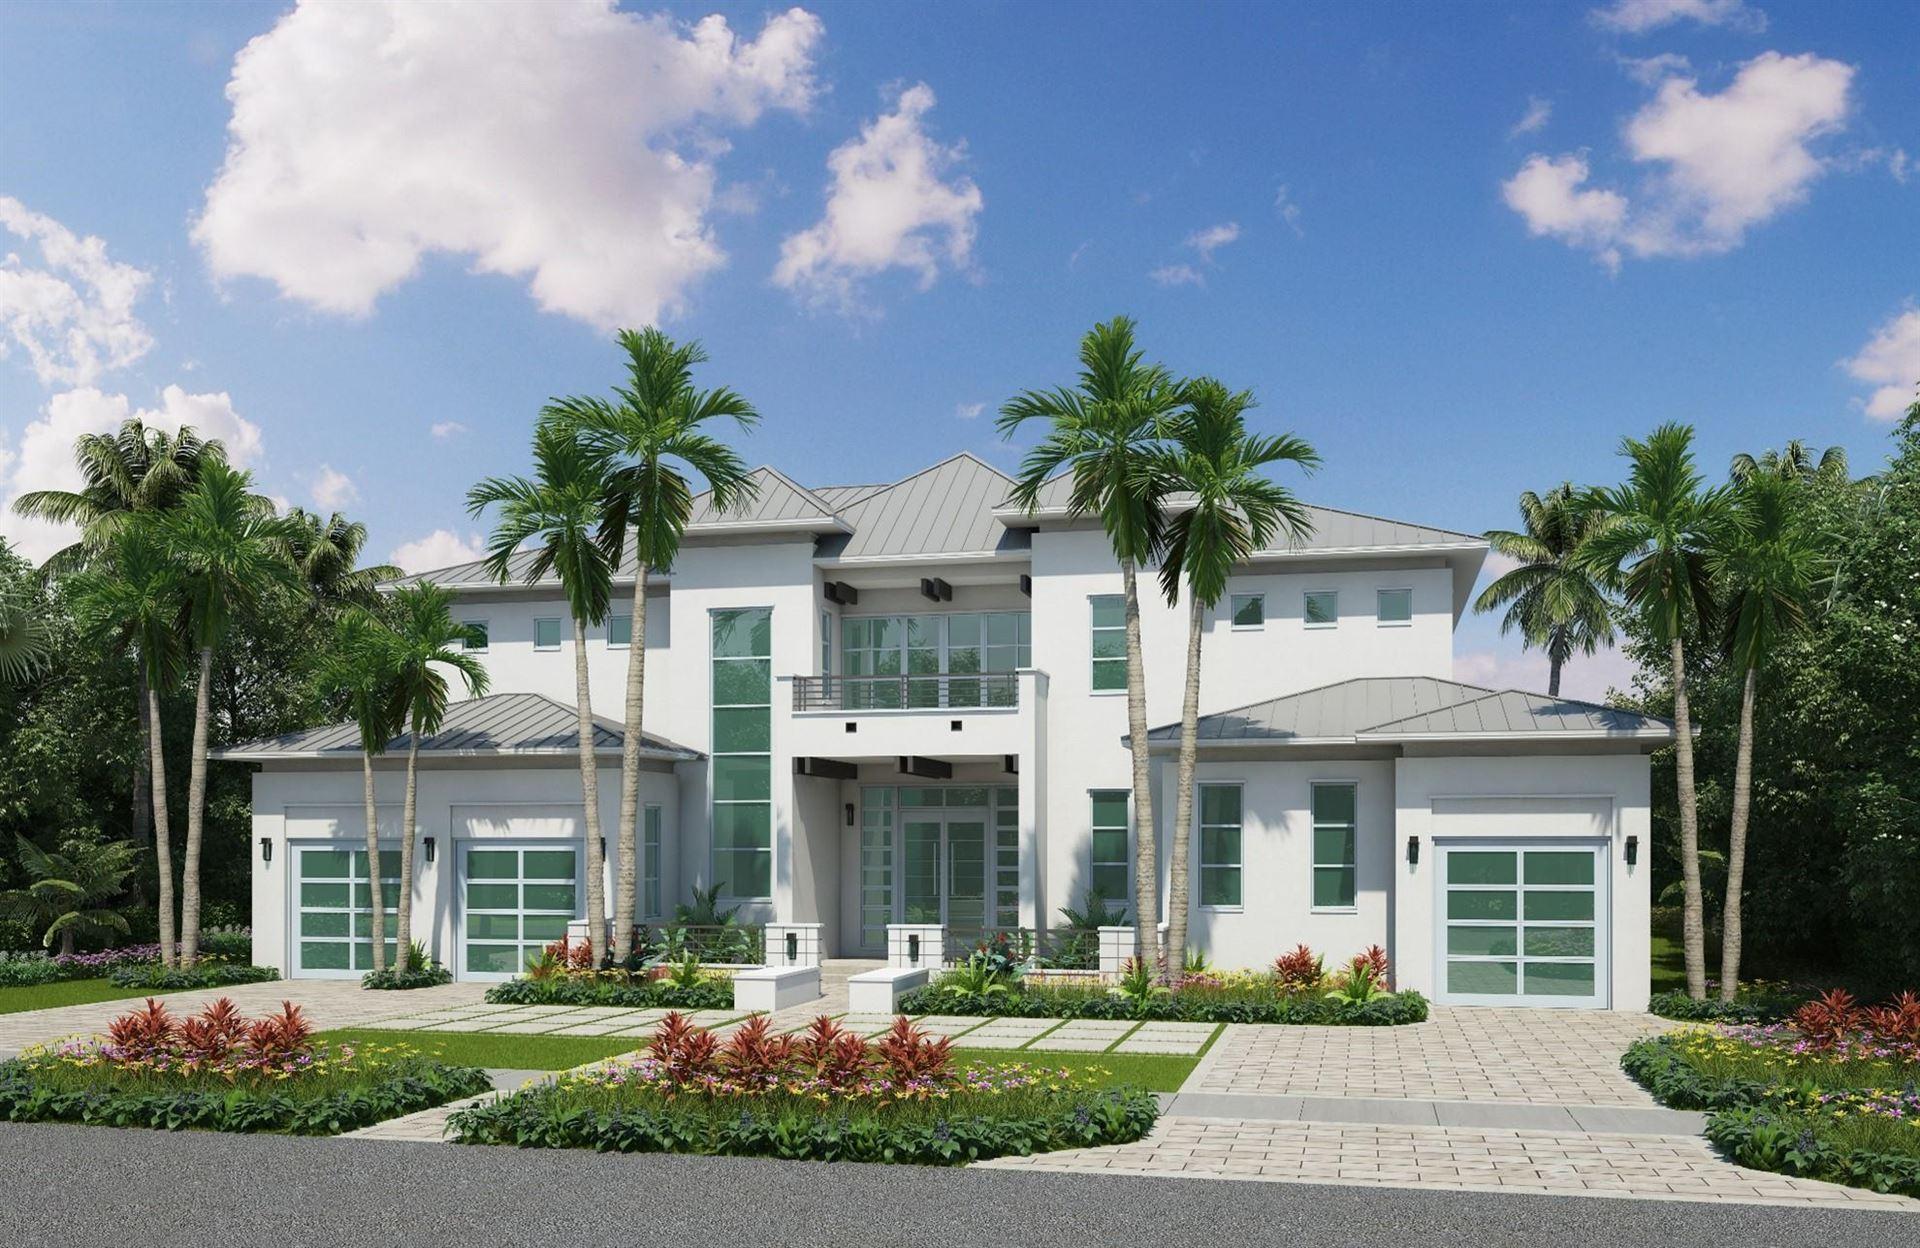 Photo of 601 Seagate Drive, Delray Beach, FL 33483 (MLS # RX-10715117)